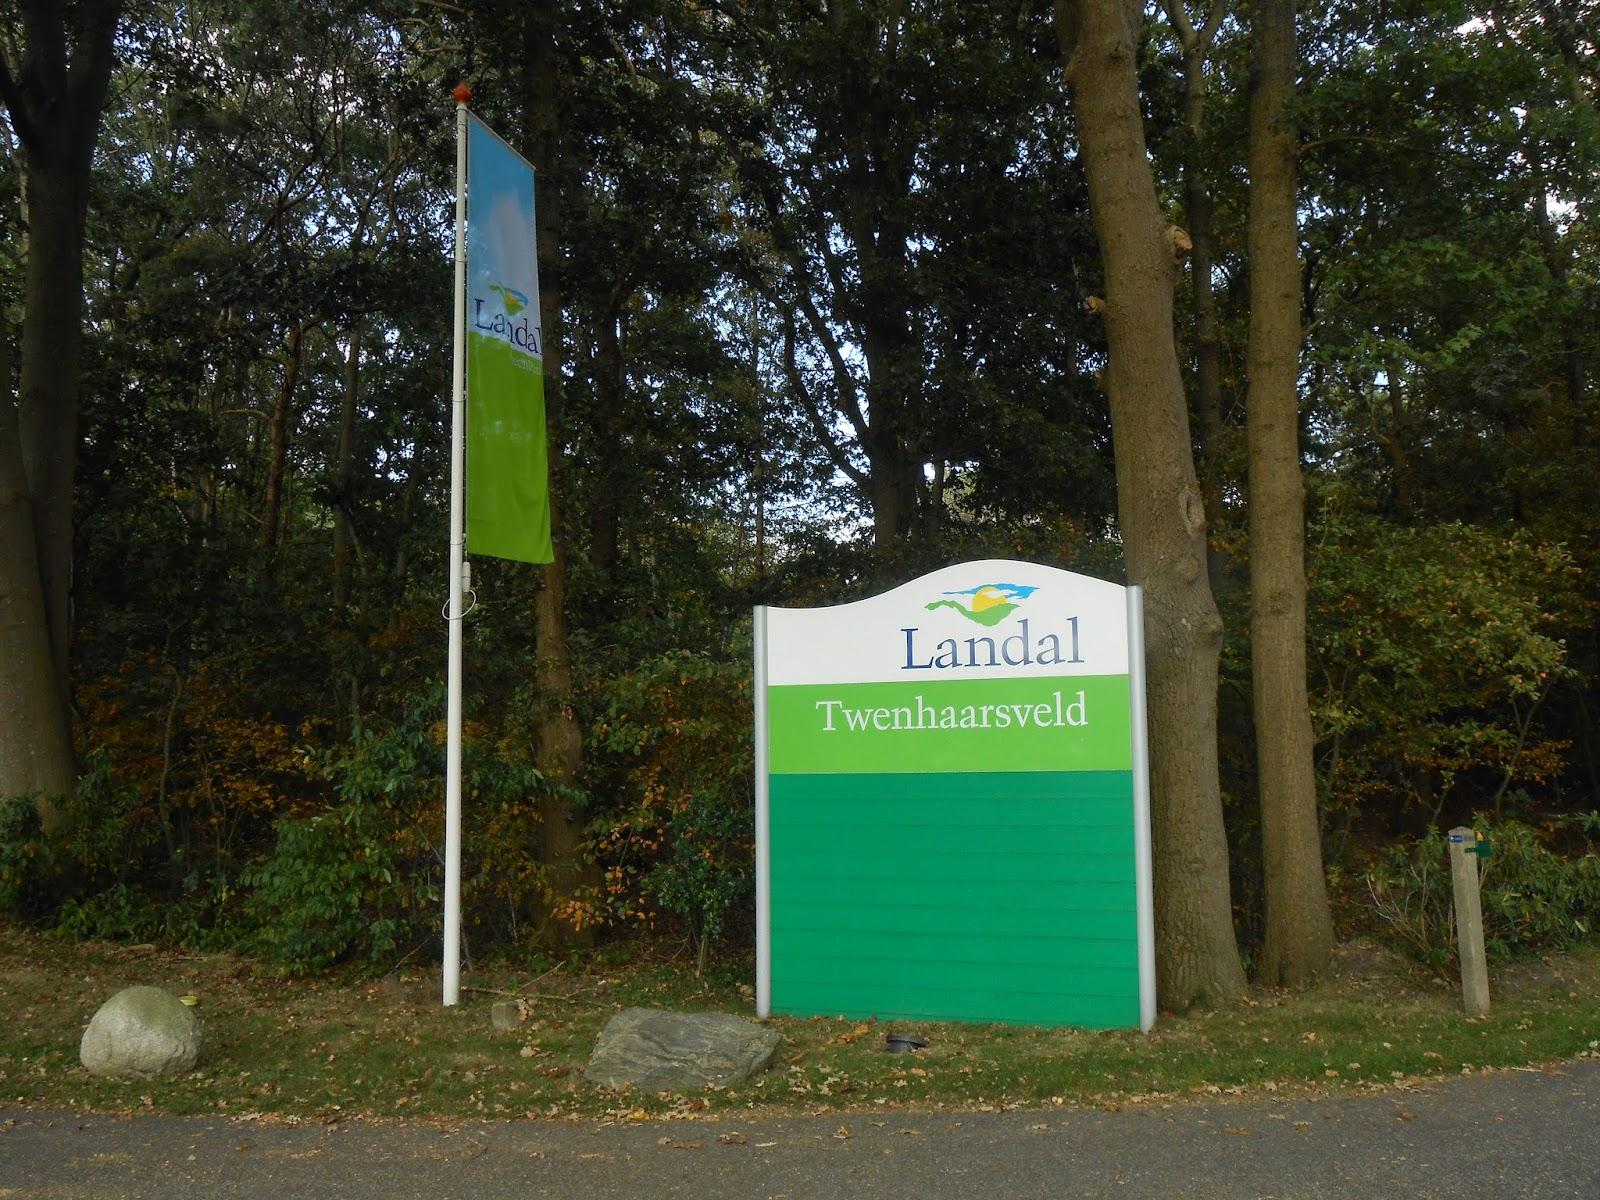 Landal Twenhaarsveld